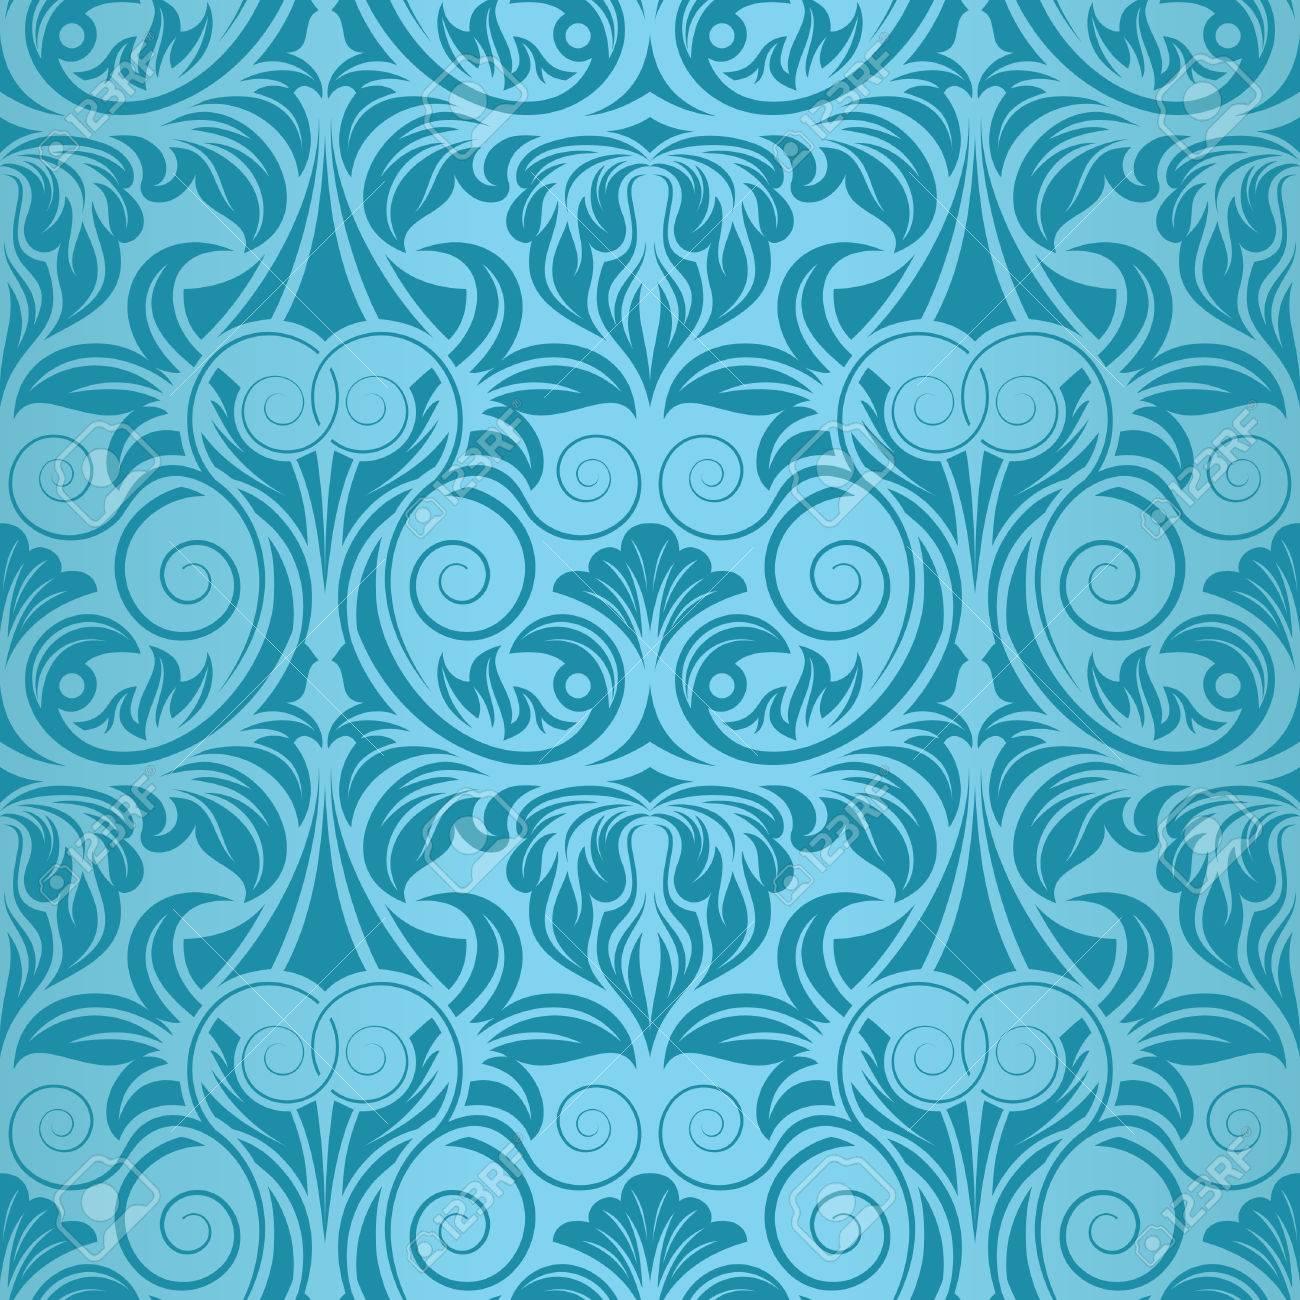 ターコイズ ブルーのシームレスな壁紙のイラスト素材 ベクタ Image